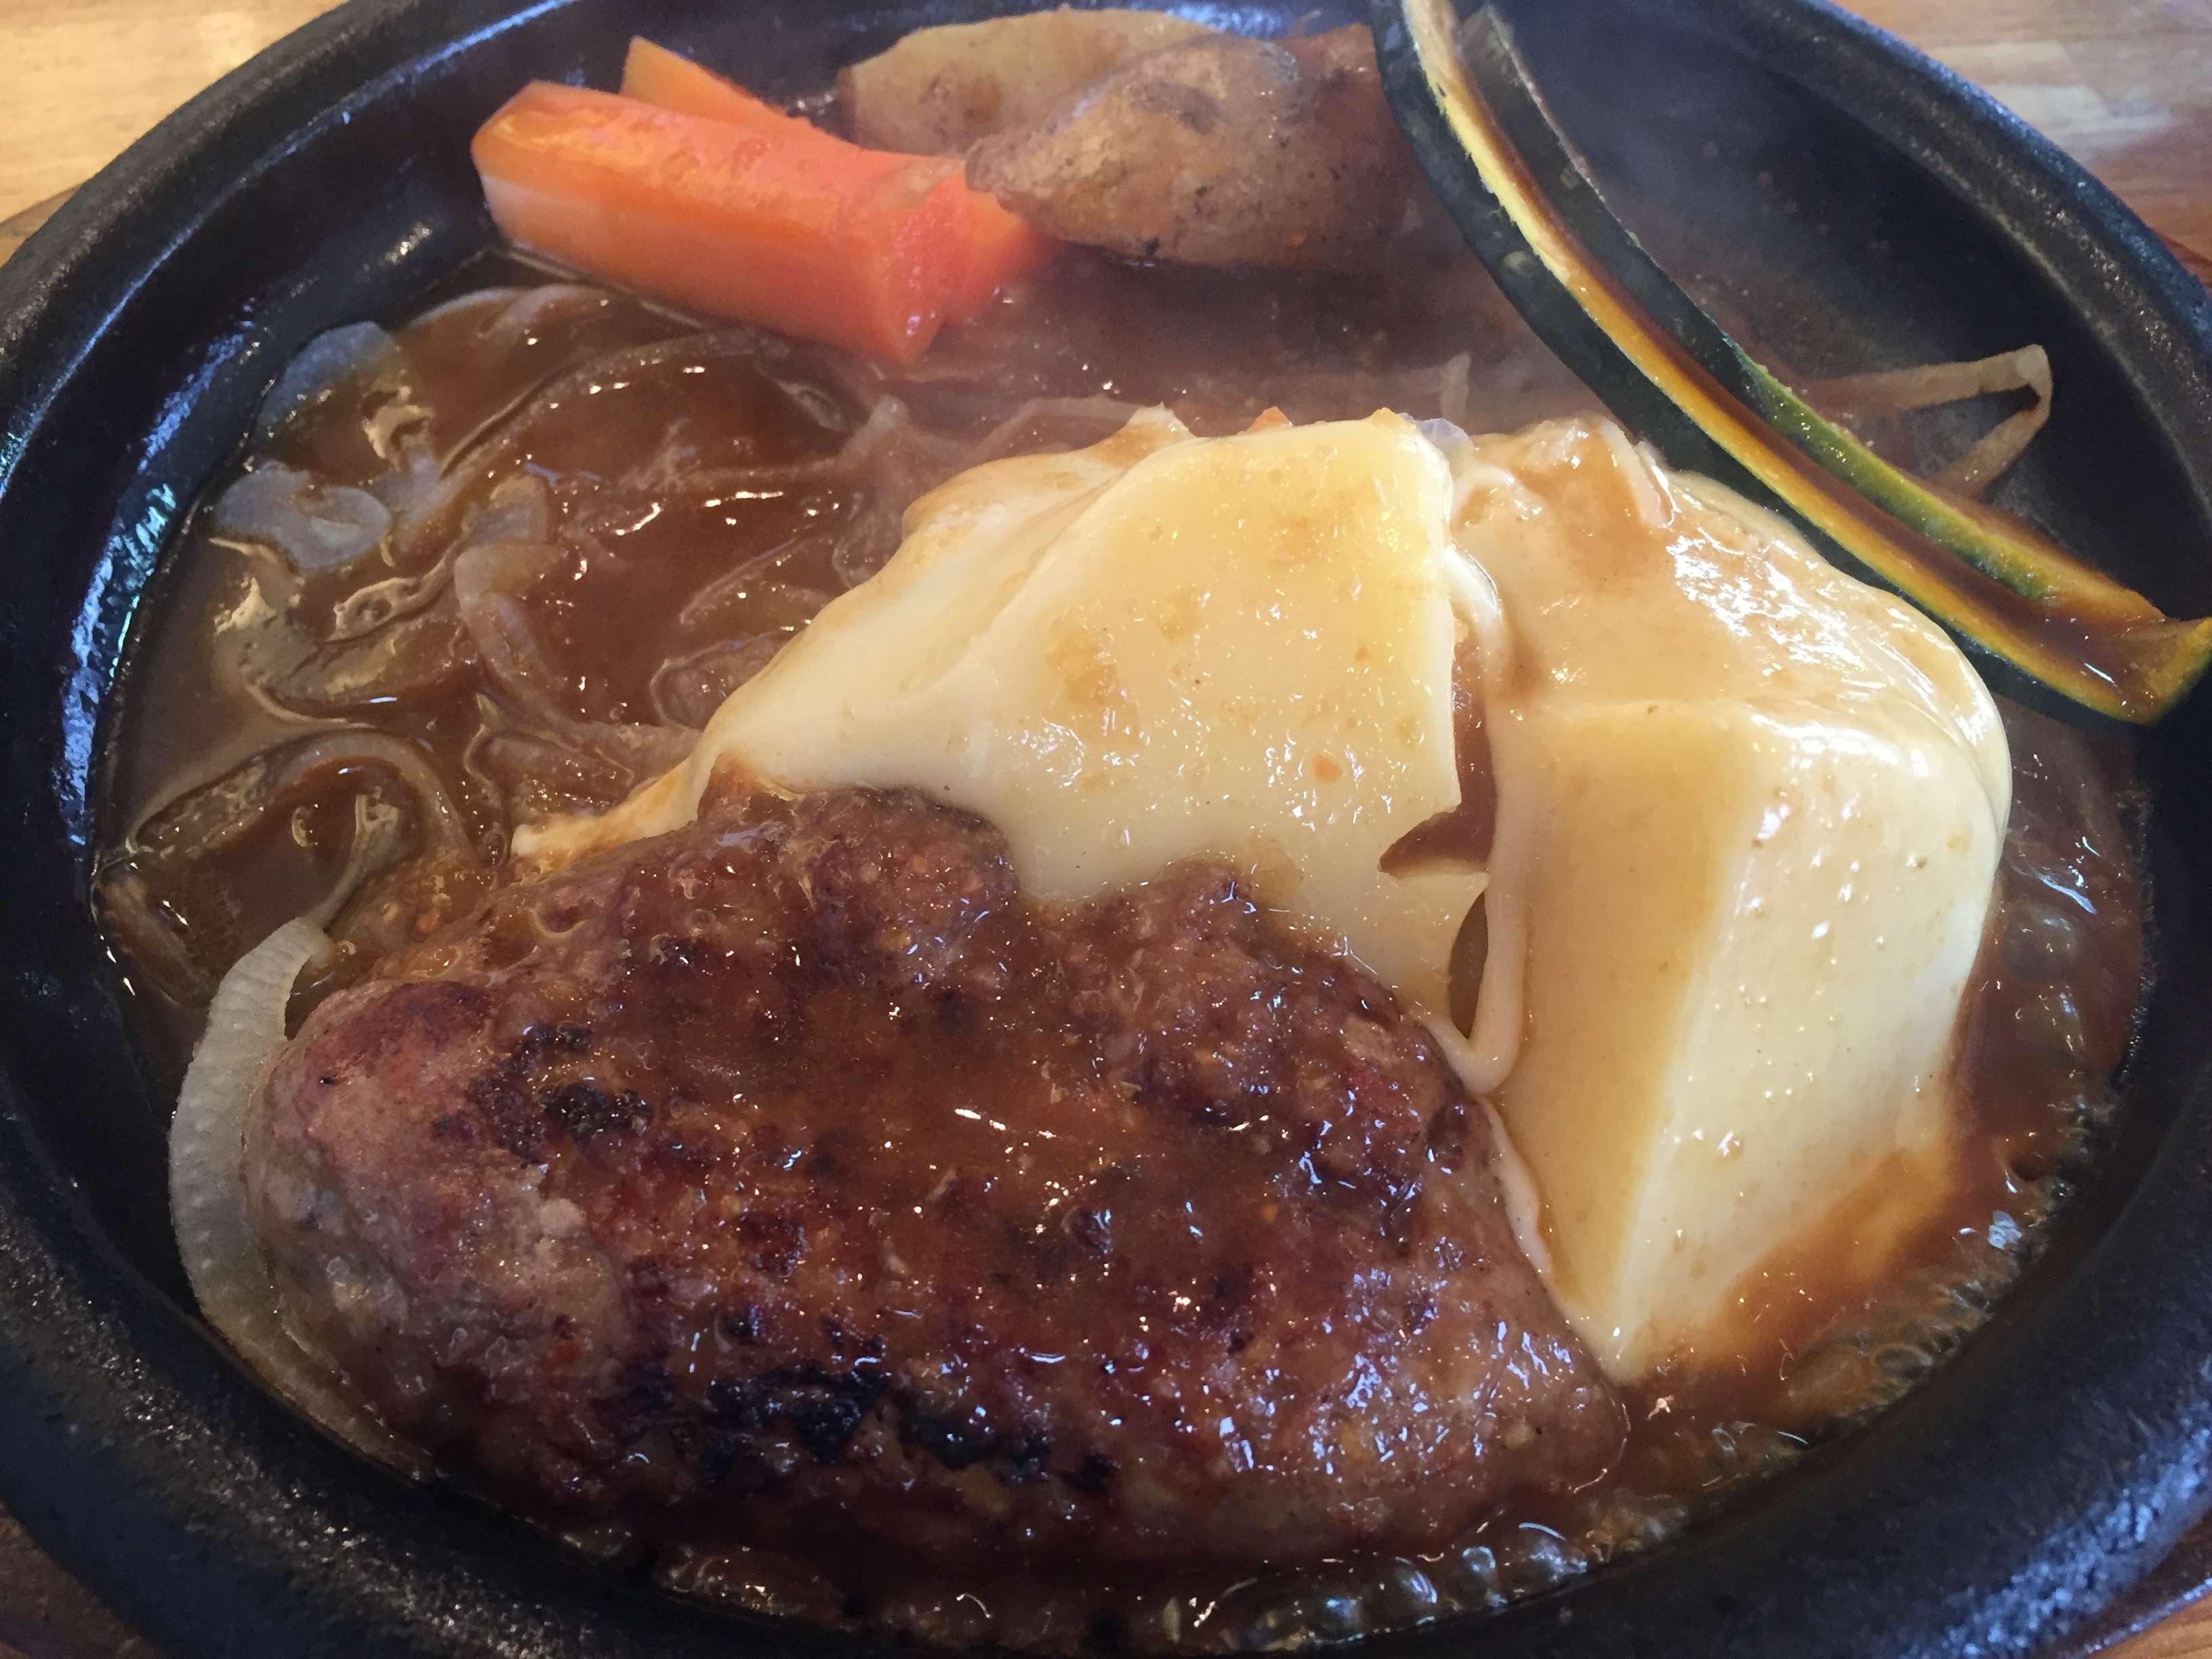 【肉食女子】炭焼きハンバーグでコスパ最強のお店といえばココ!~牛吉~